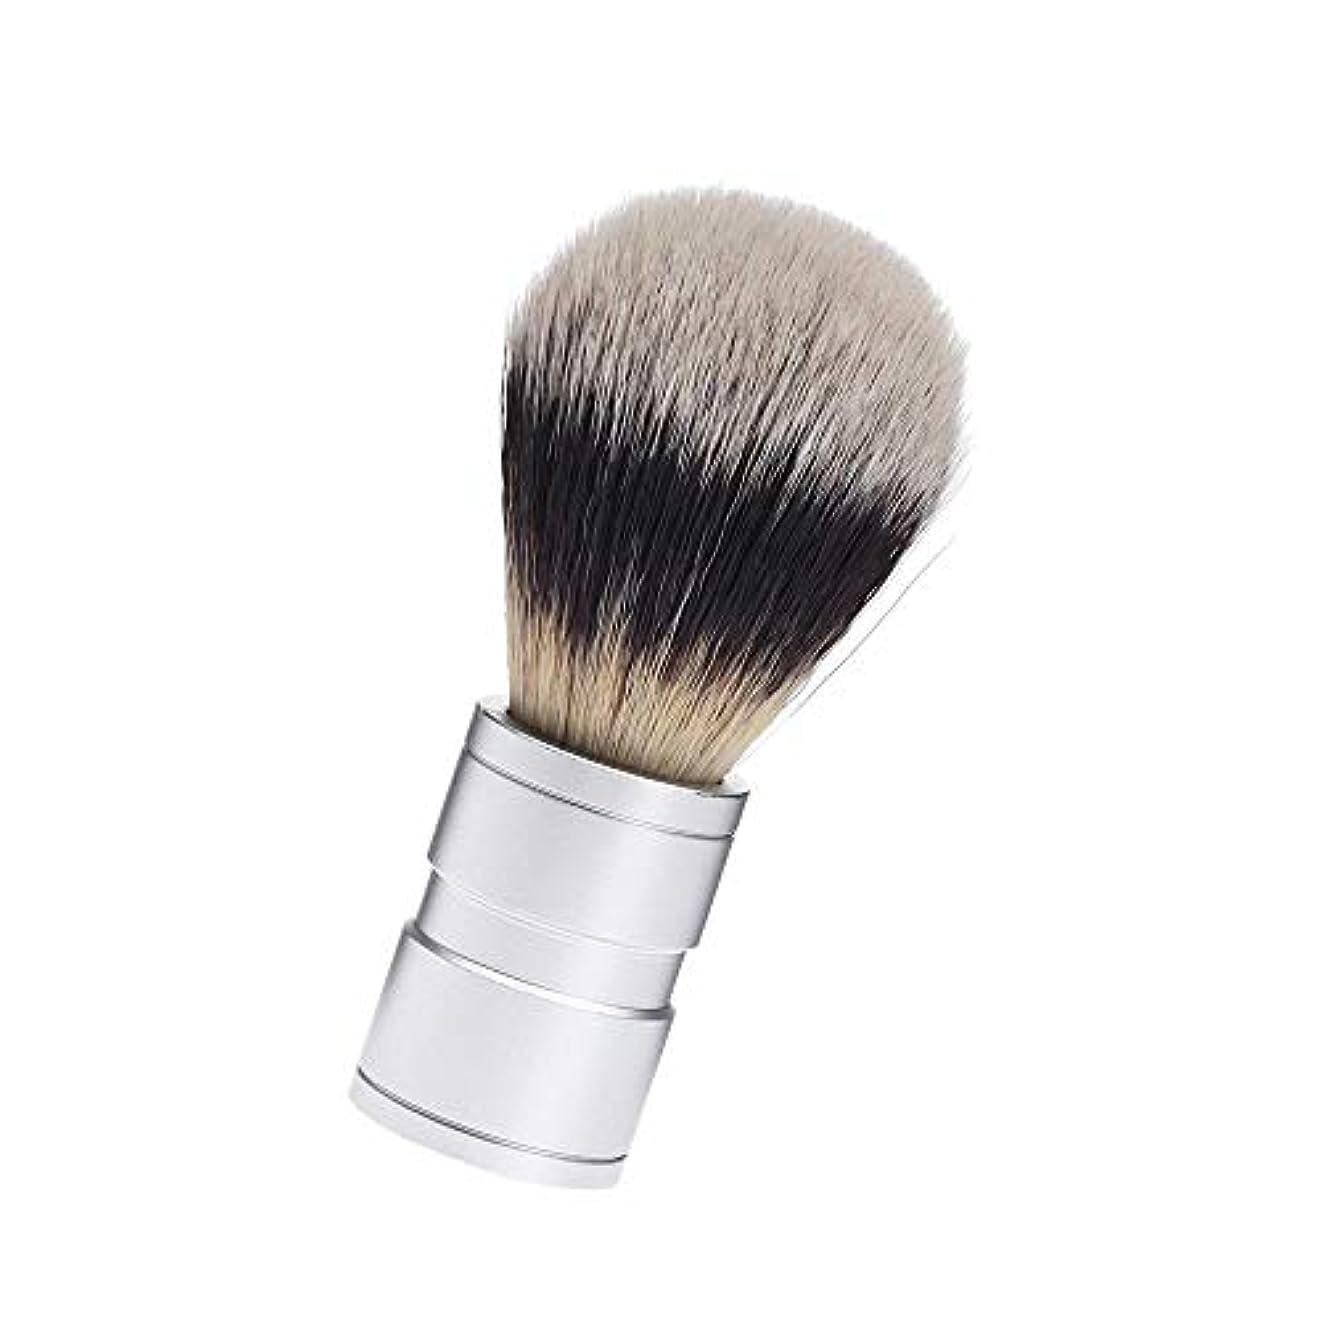 受信機刻む俳句1本セット 毛 ファイン シェービング用ブラシ シェービングブラシ 理容 洗顔 髭剃り